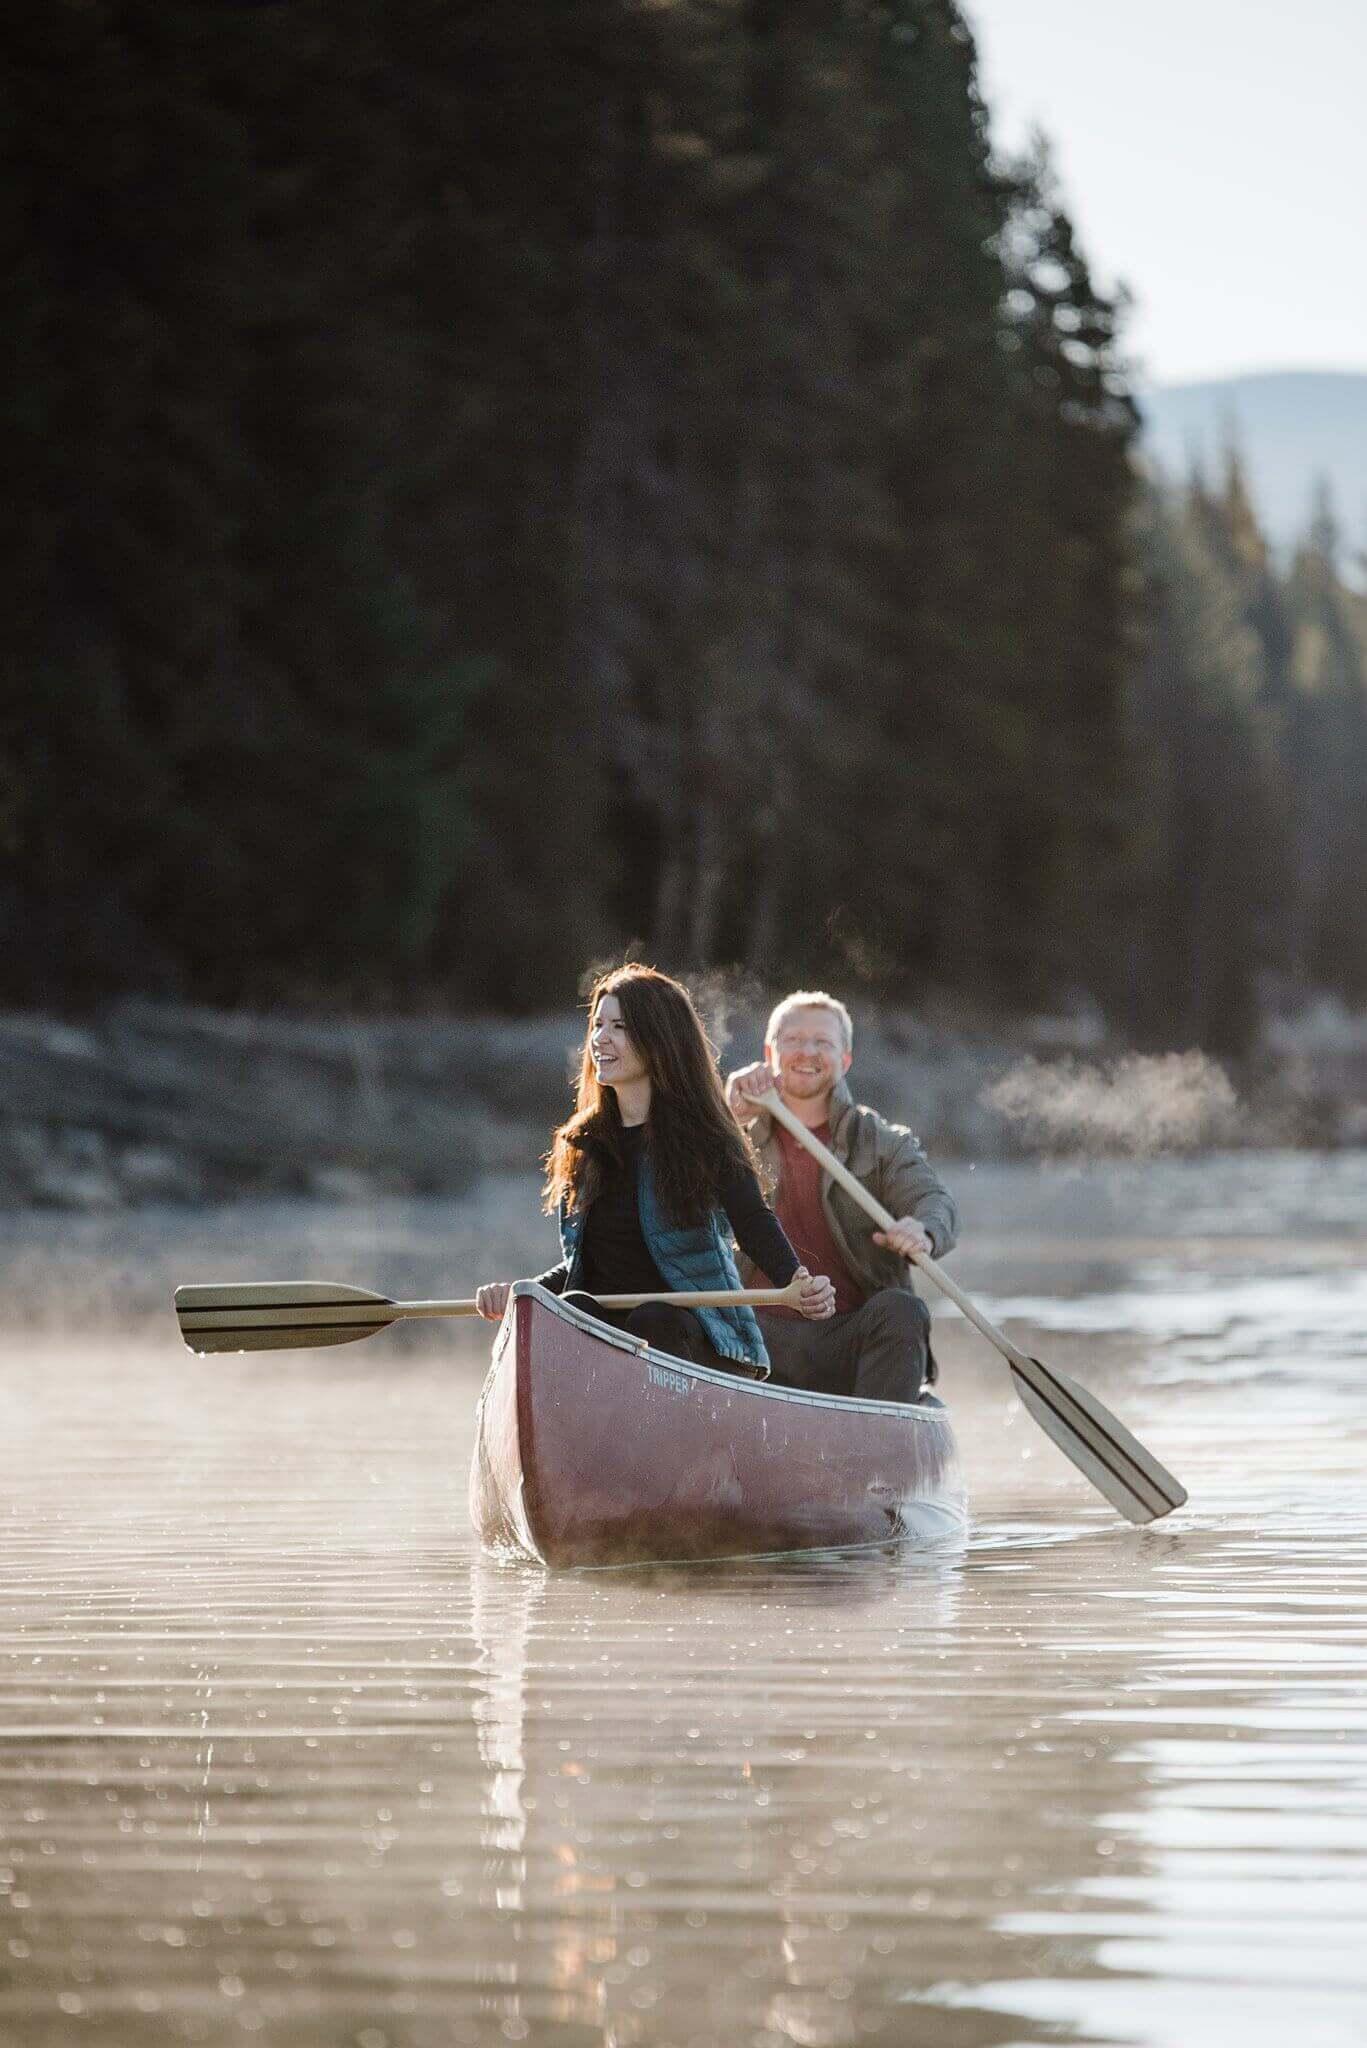 Canoe-Lake-Adventure-Engagement-Session-Oregon-Lemolo-S-Photography_0010.jpg